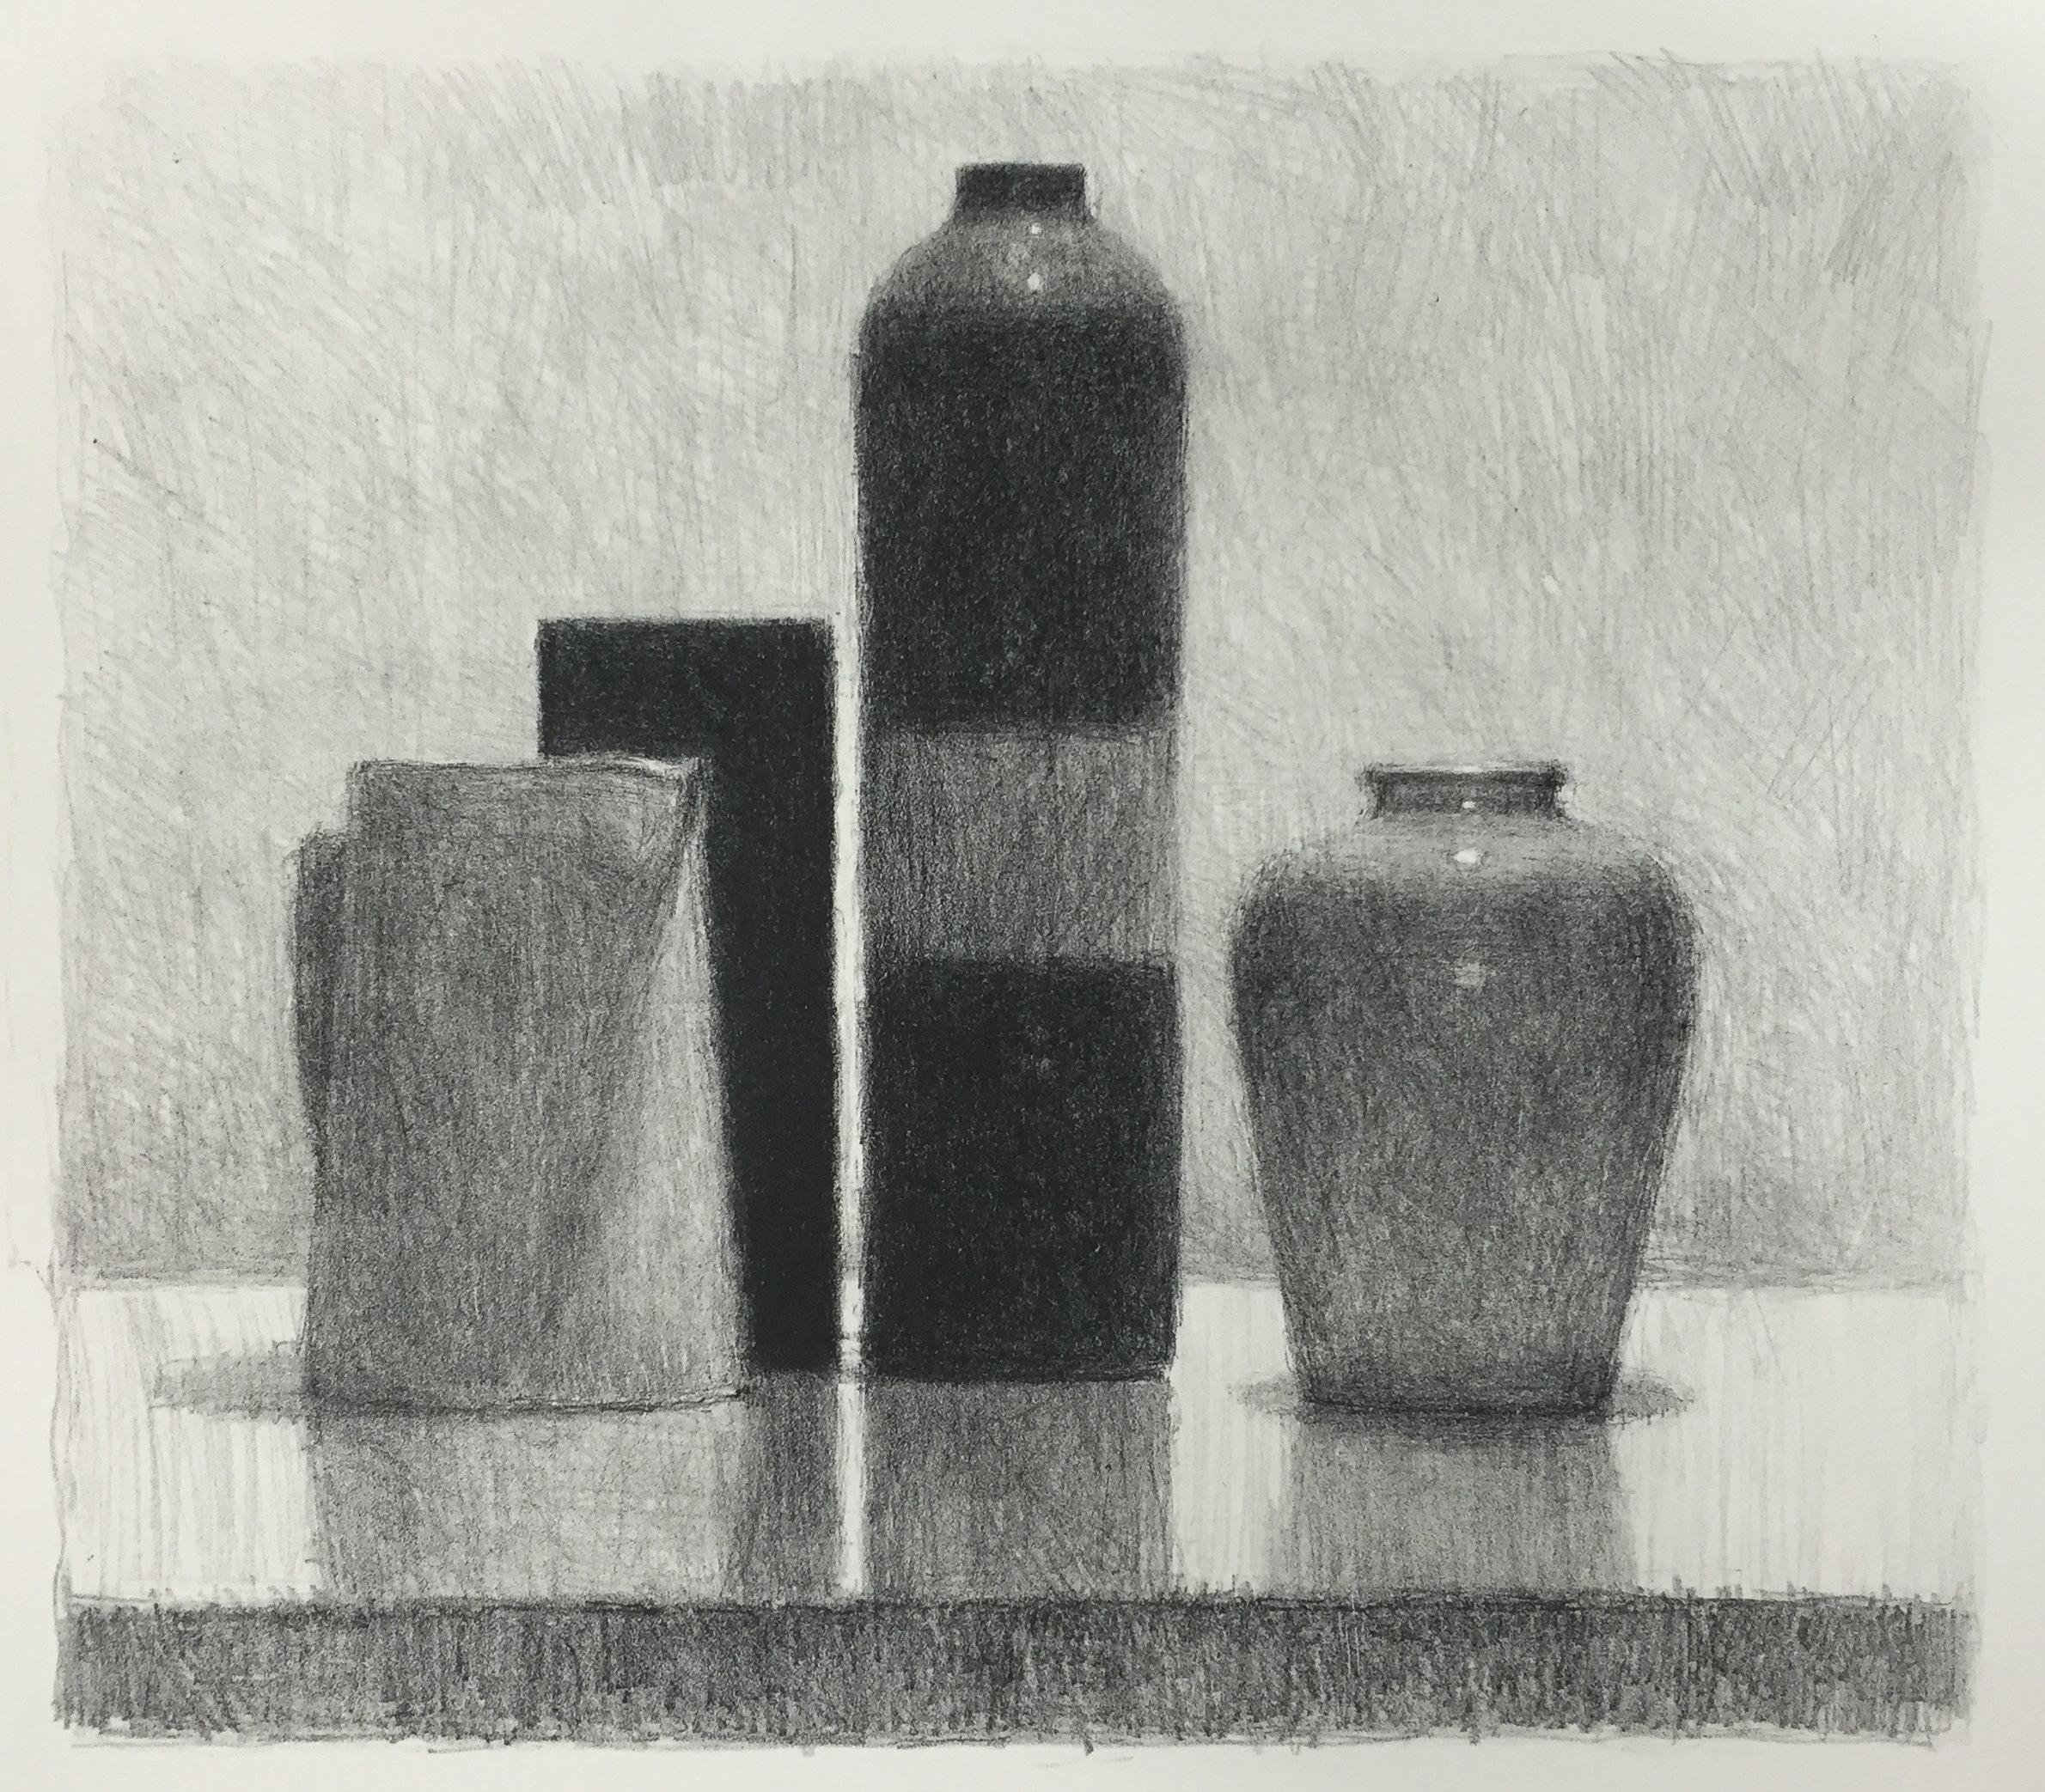 SLL2, 2016, lithograph, 55cm x 75cm, Ed. 10